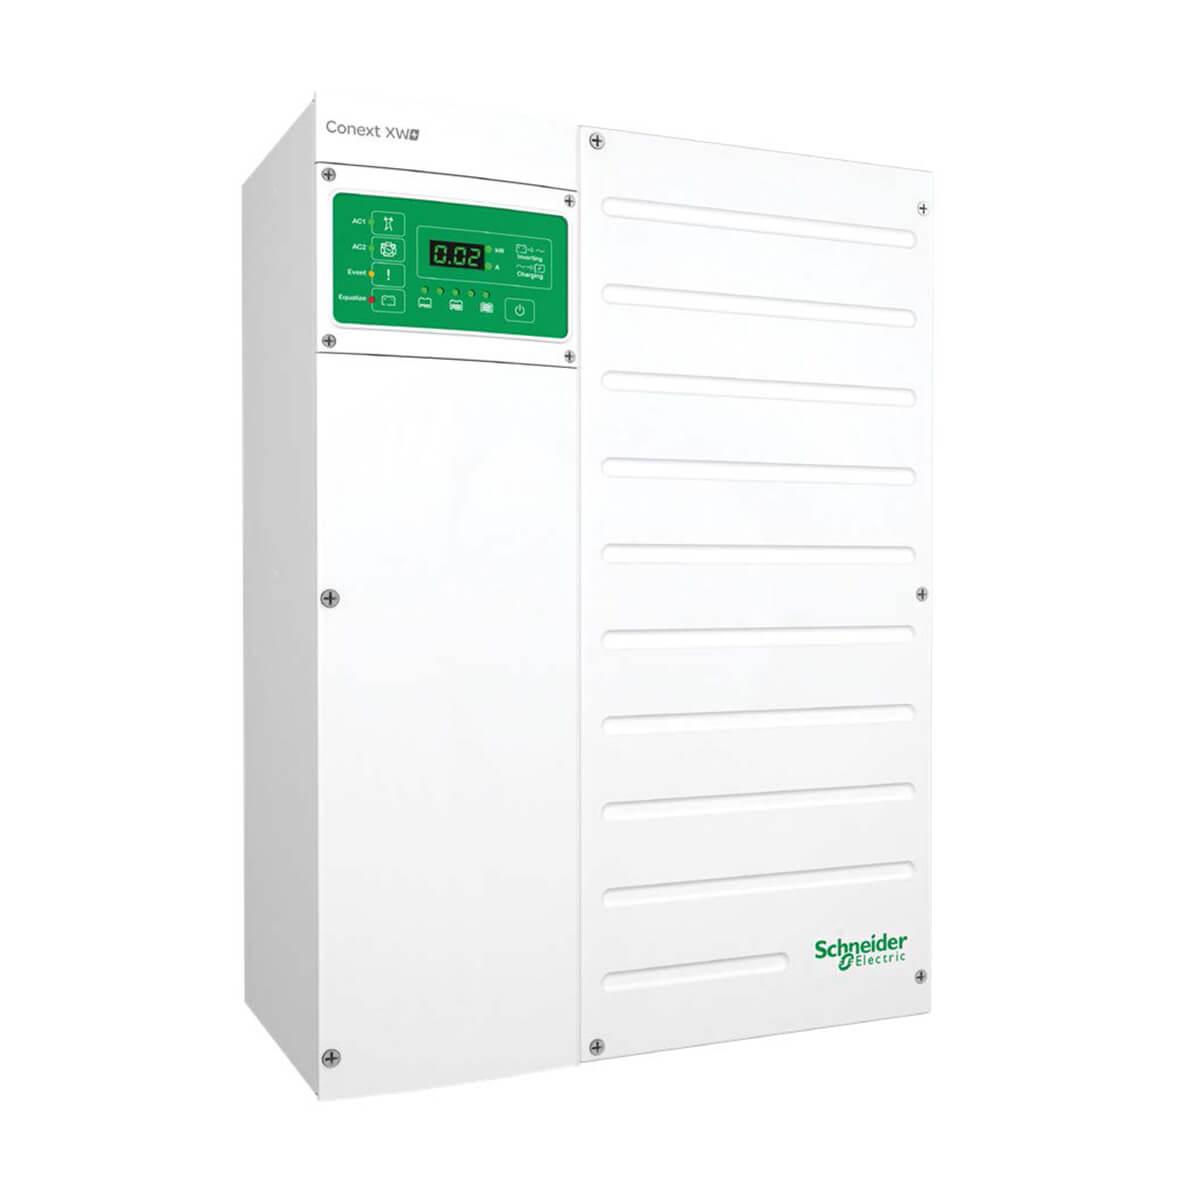 schneider electric 5.5kW inverter, schneider electric XW+ 7048 E 5.5kW inverter, schneider electric XW+ 7048 E inverter, schneider electric XW+ 7048 E, schneider electric 5.5 kW, SCHNEIDER ELECTRIC 5.5 KW, SCHNEIDER ELECTRIC 5.5 KW